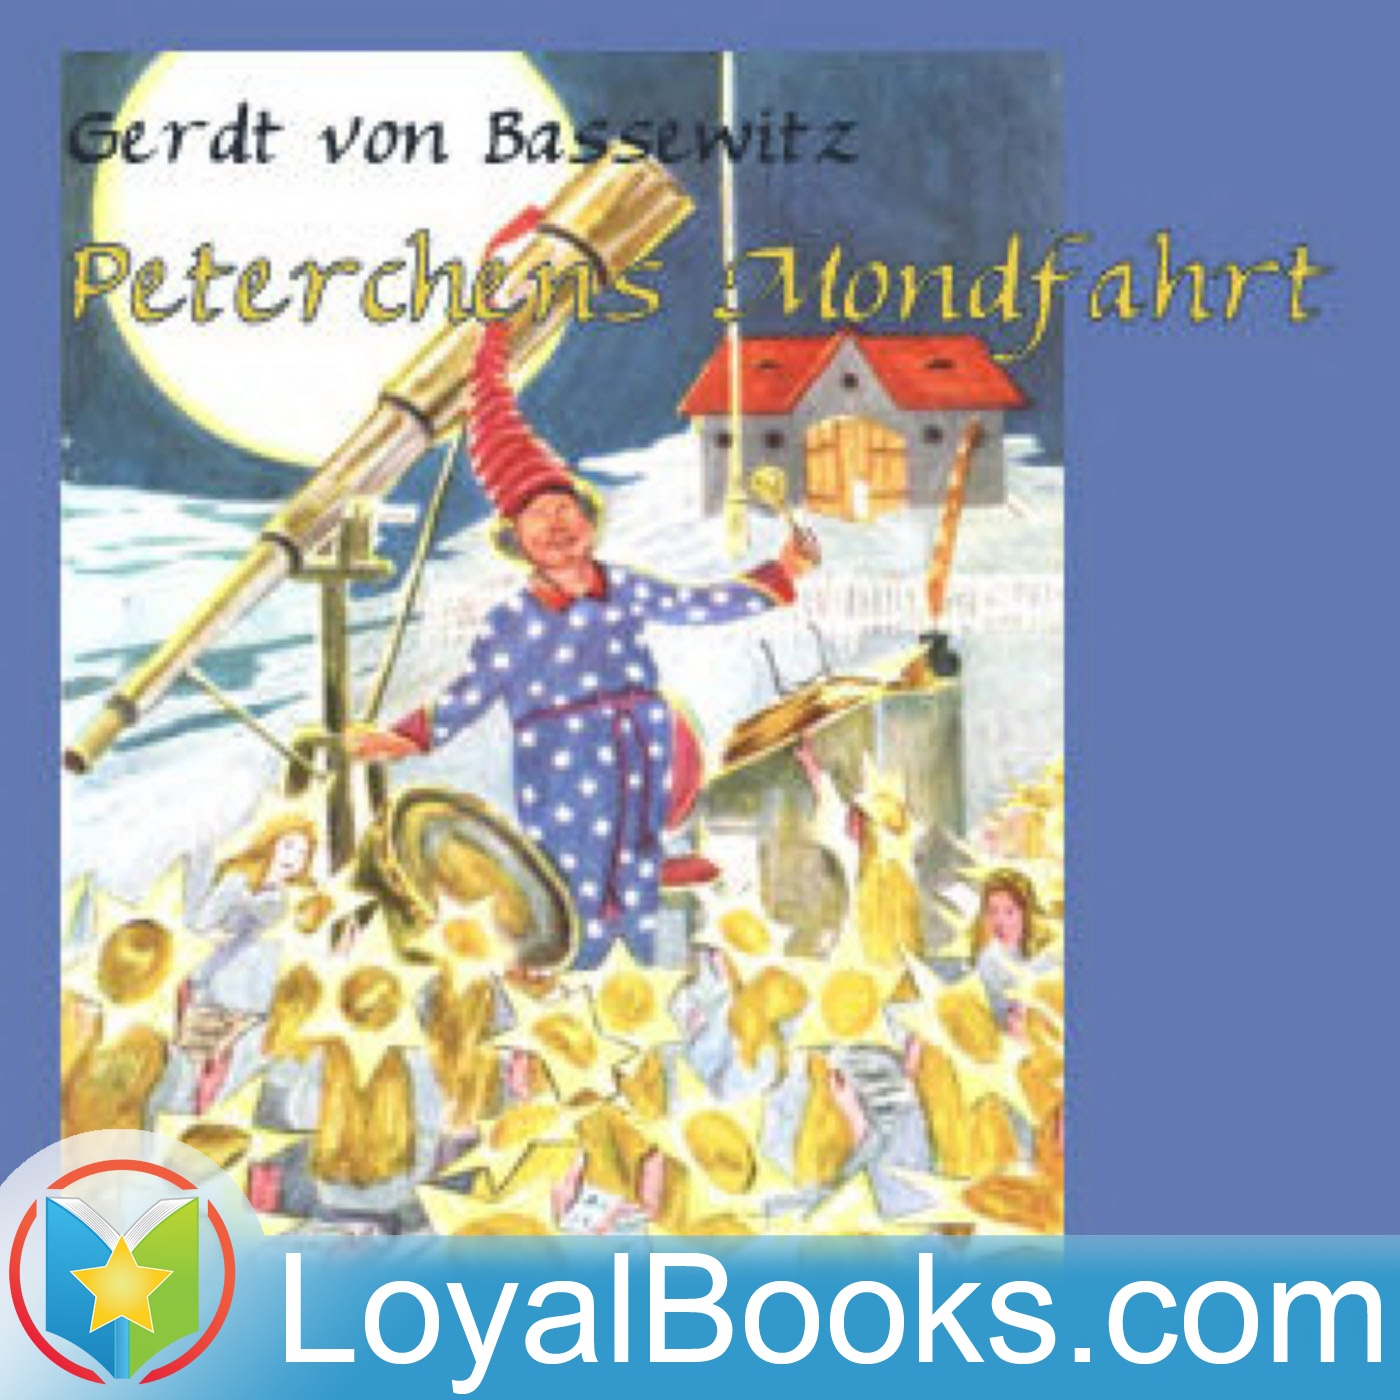 <![CDATA[Peterchens Mondfahrt by Gerdt von Bassewitz]]>